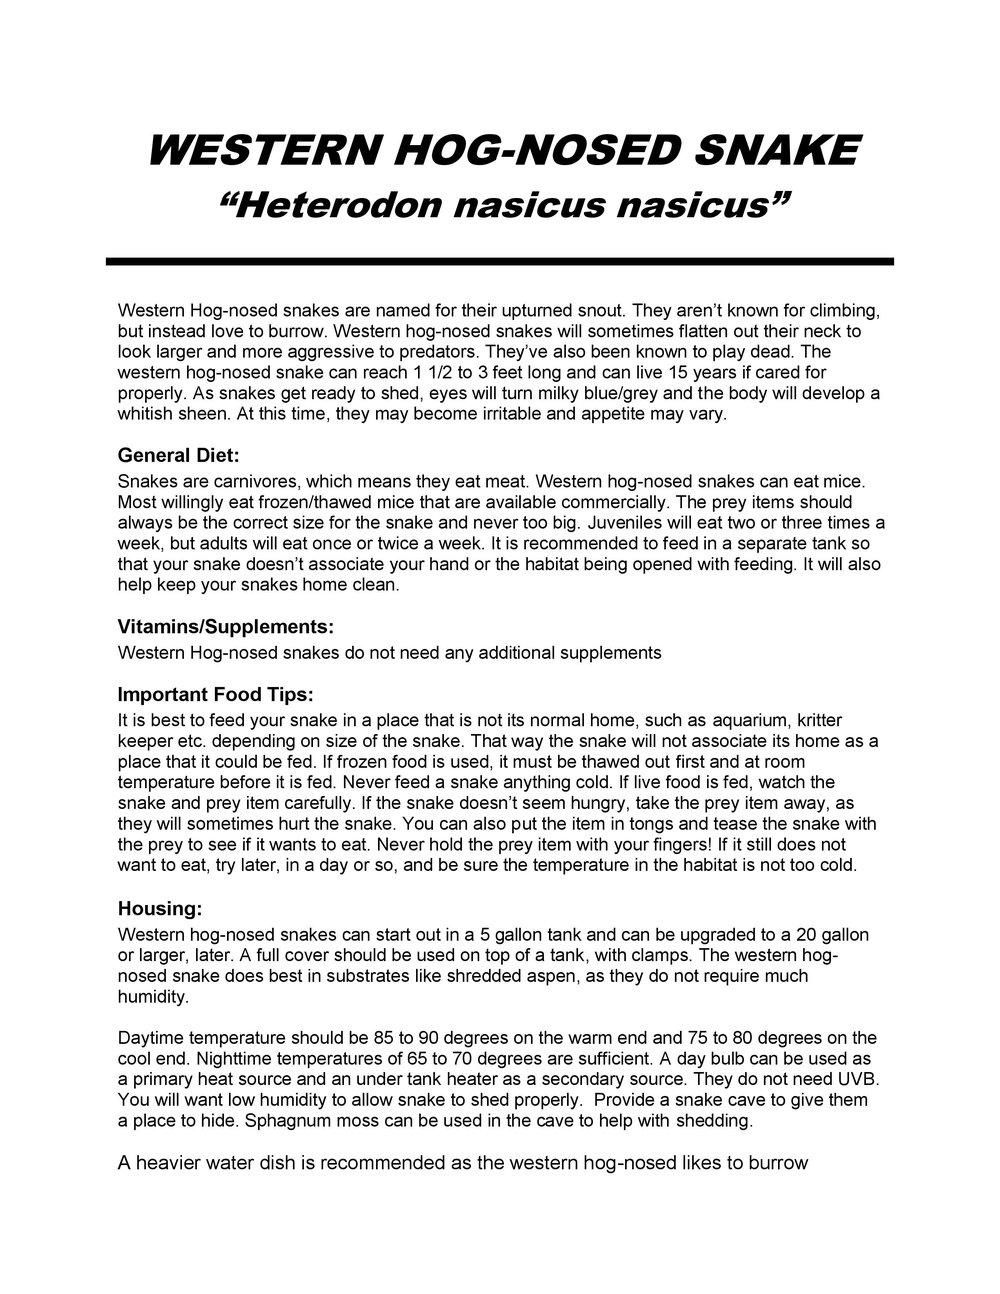 Western Hog Nosed Snake Care Sheet pg1